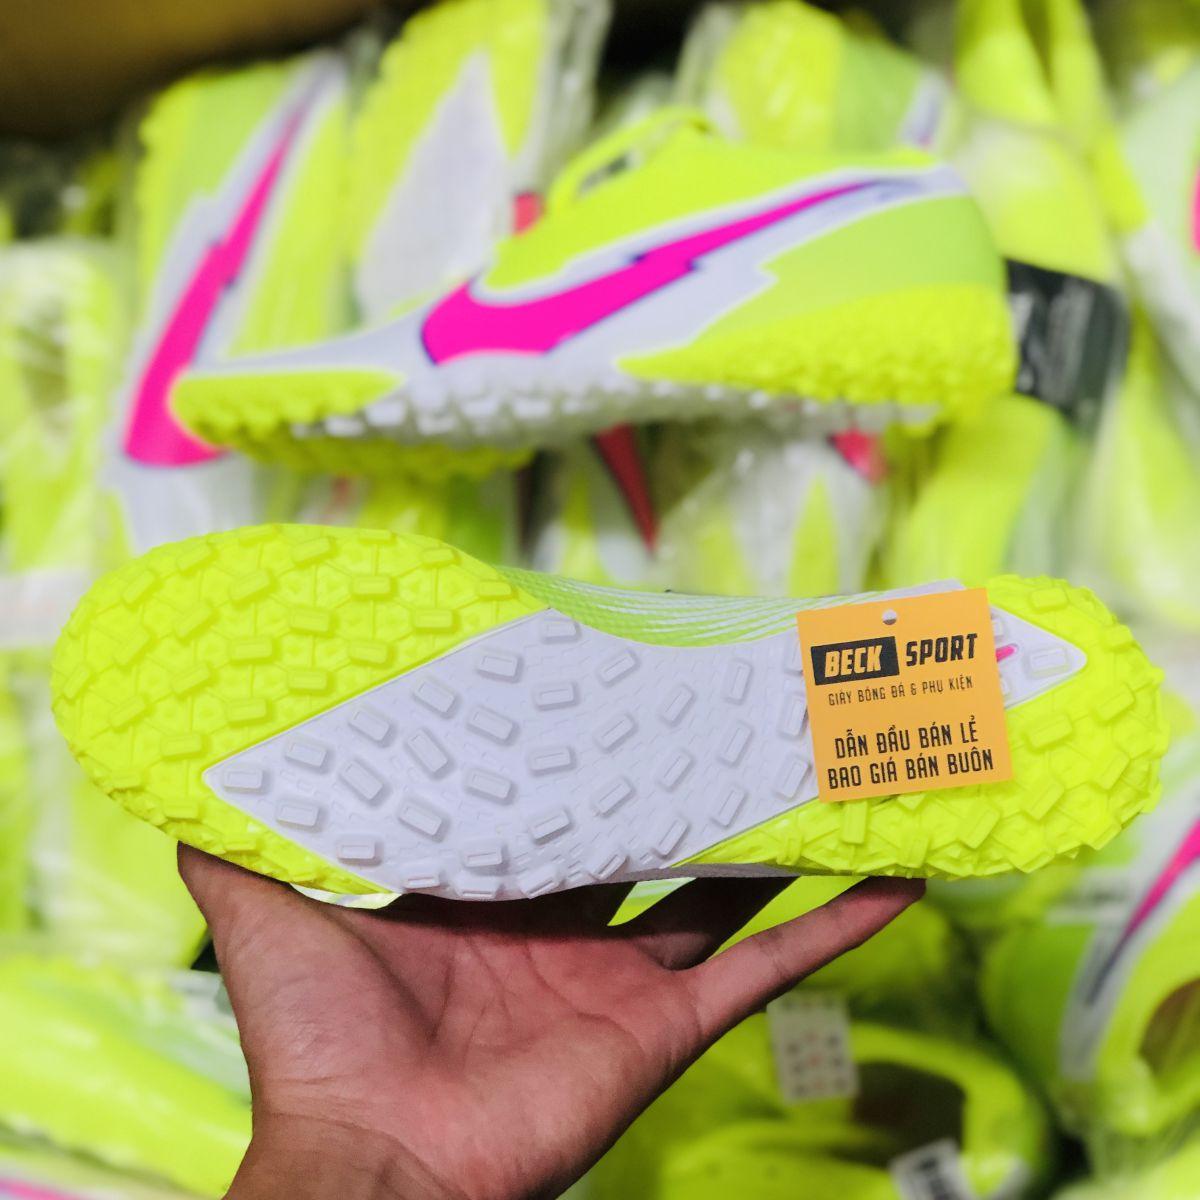 Giày Bóng Đá TQ Nike Mercurial Vapor 13 Elite Nõn Chuối Trắng Vạch Hồng Cổ Lửng TF